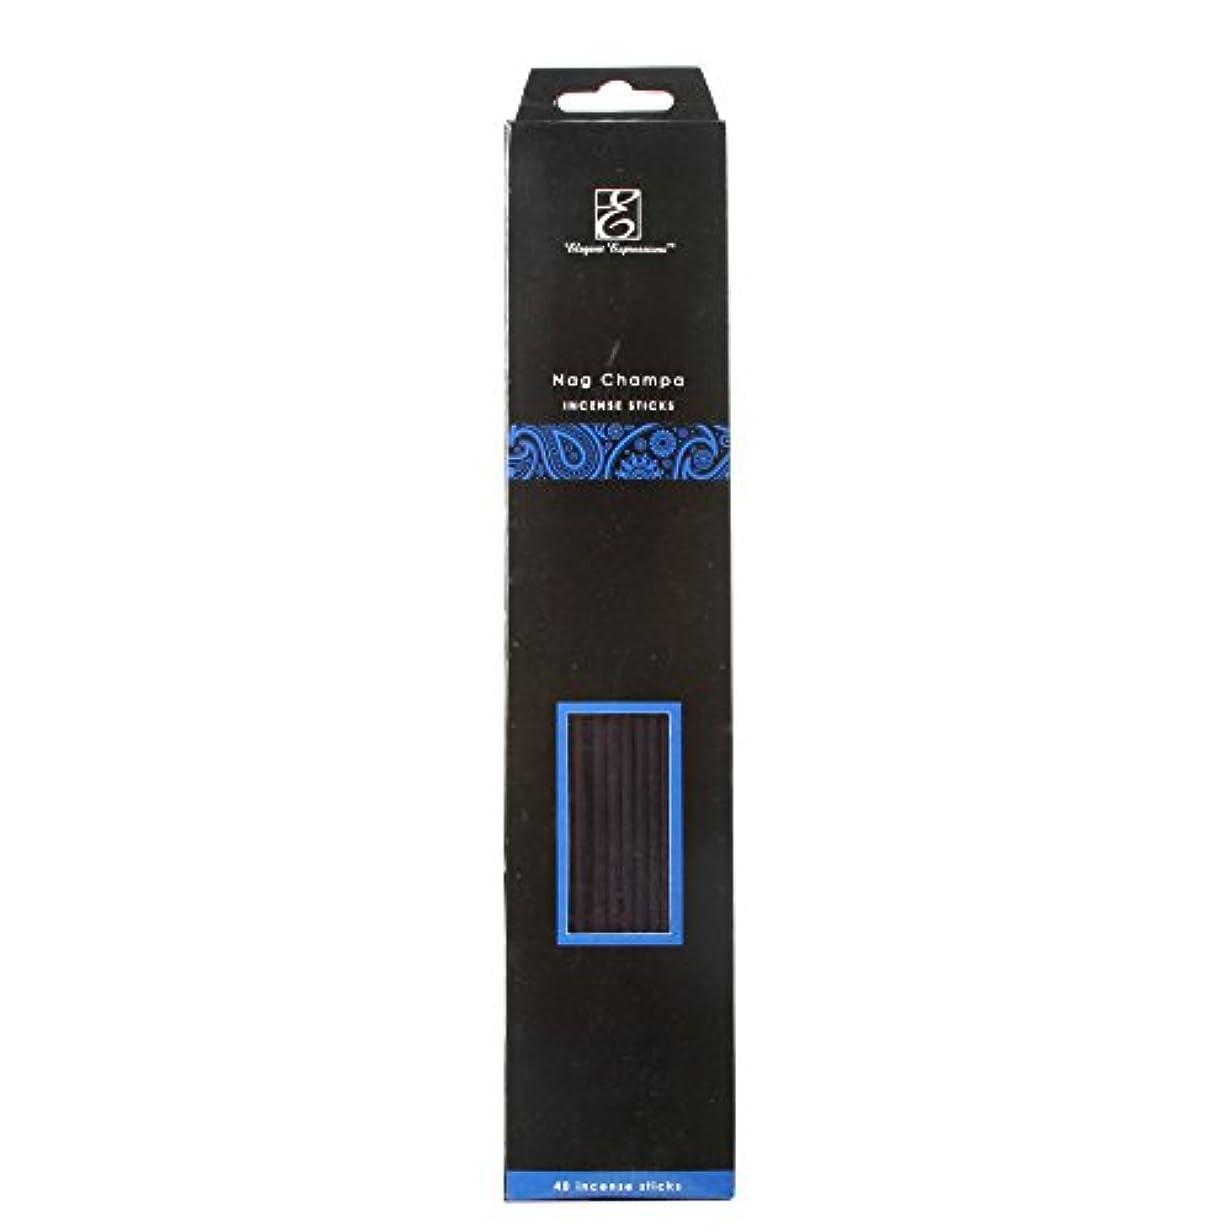 イタリアの抱擁鍔Hosley Highly Fragranced Nag Champa Incense Sticks 240パック、Infused with Essential Oils。理想的なギフト、ウェディング、イベント、アロマセラピー...